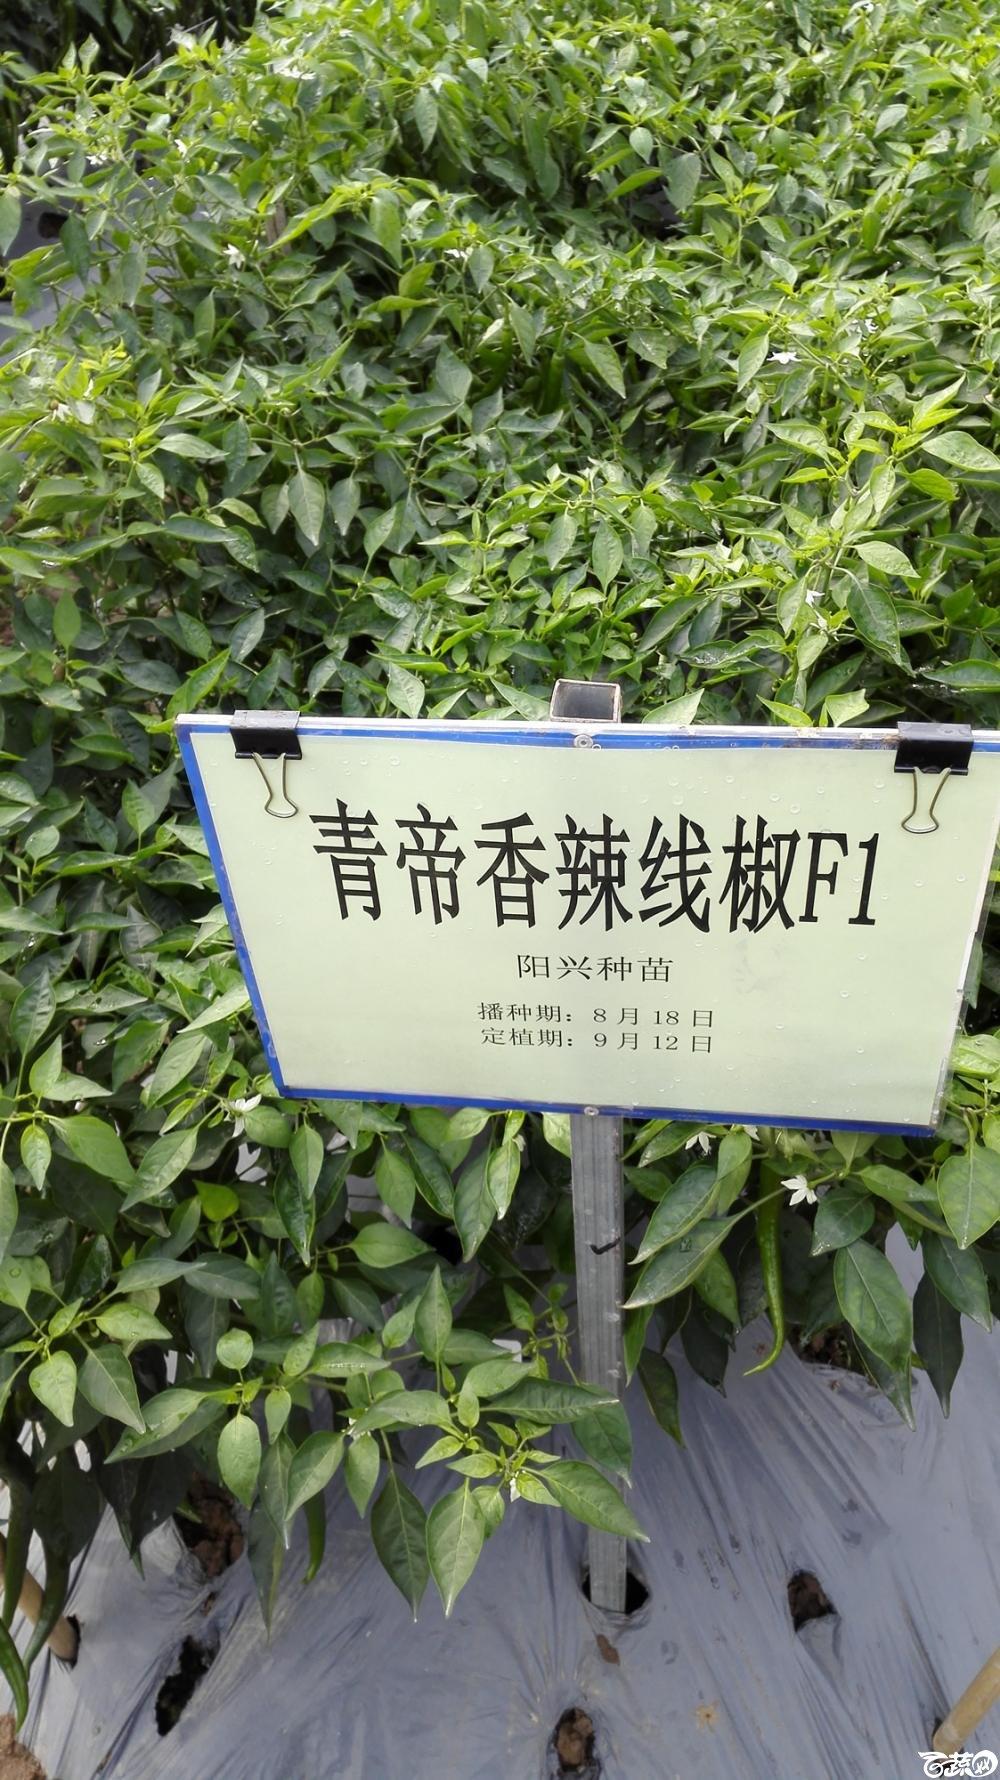 2014年12月8号中山蔬菜新品种展示会_辣椒_241.jpg